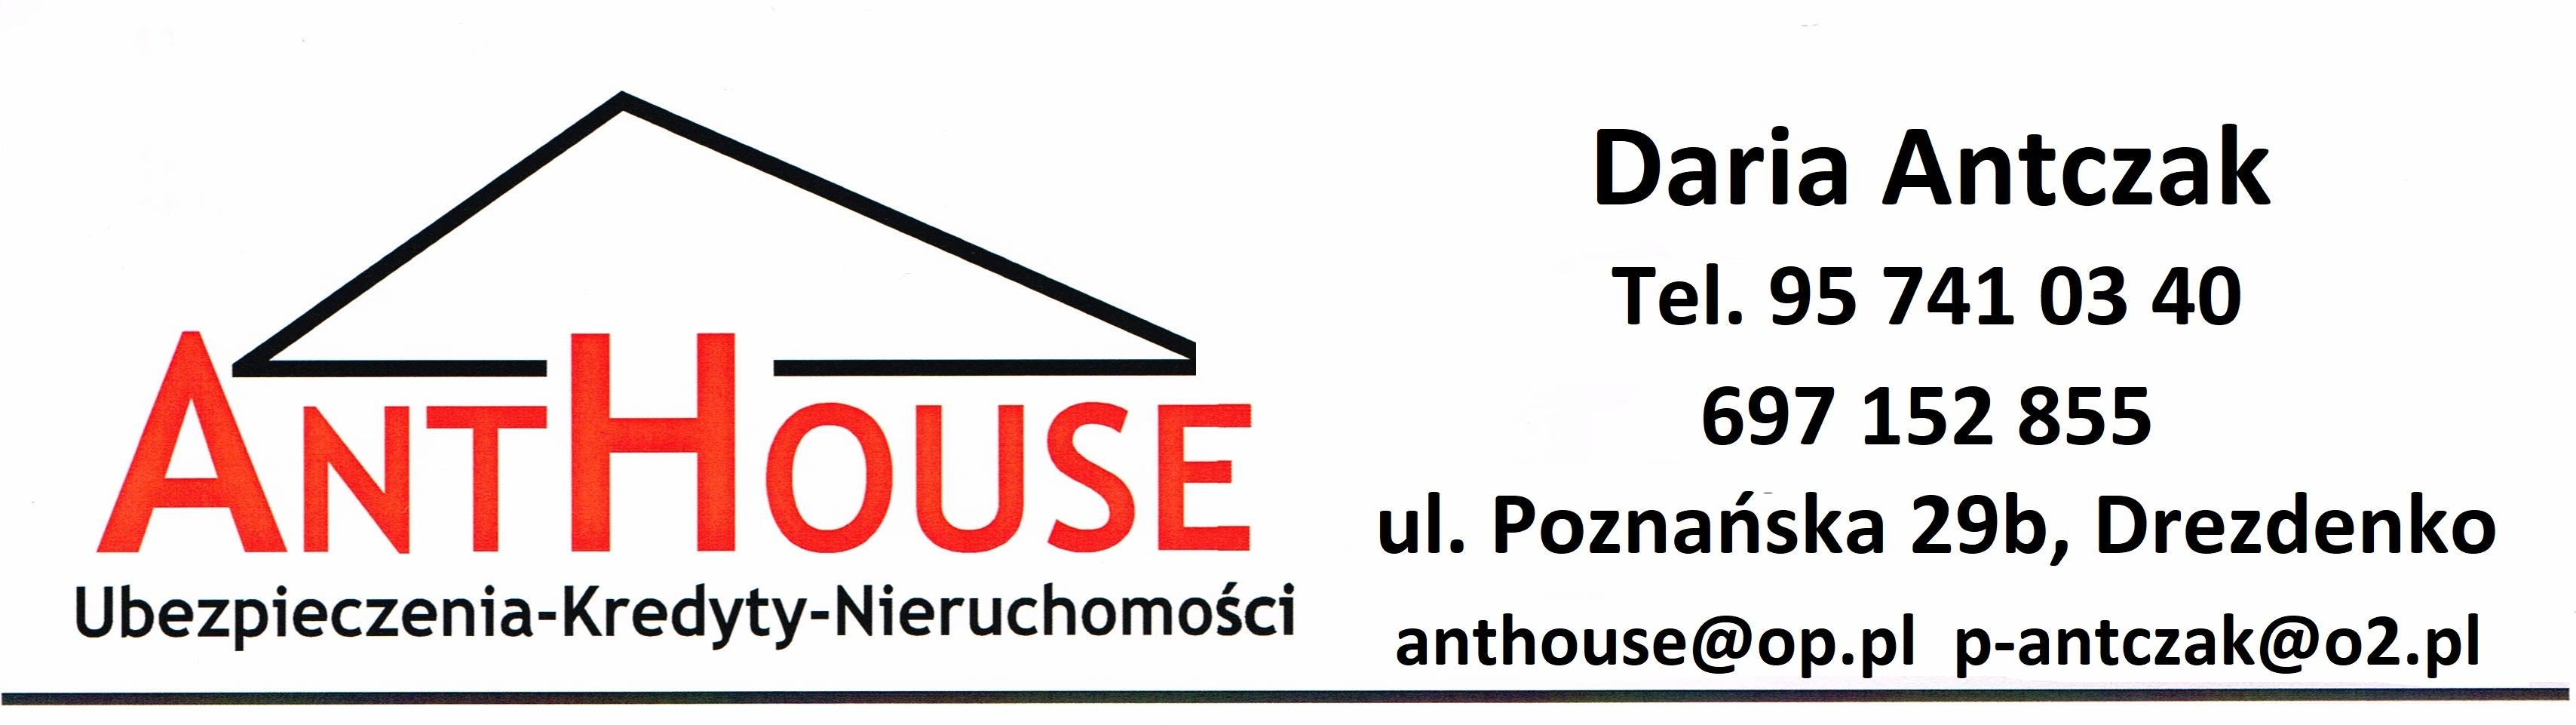 Anthouse Ubezpieczenia, Kredyty, Nieruchomości Daria Antczak